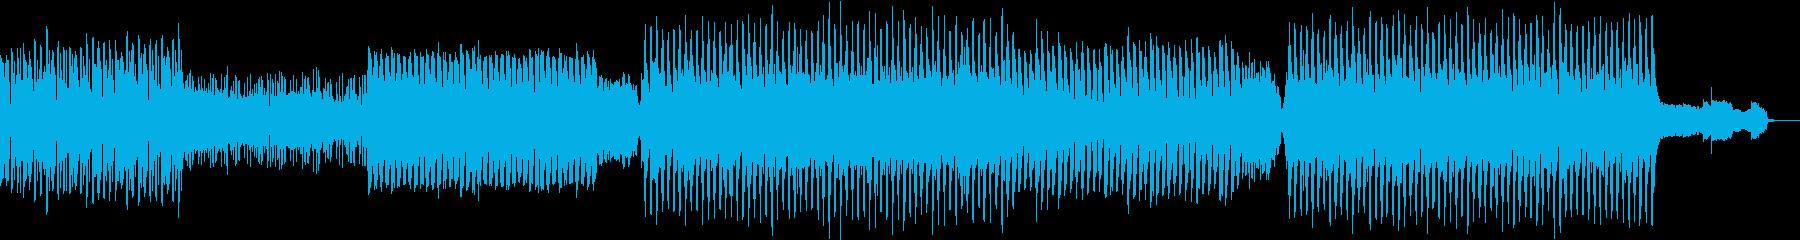 edmとロックン・ロールの子供の再生済みの波形